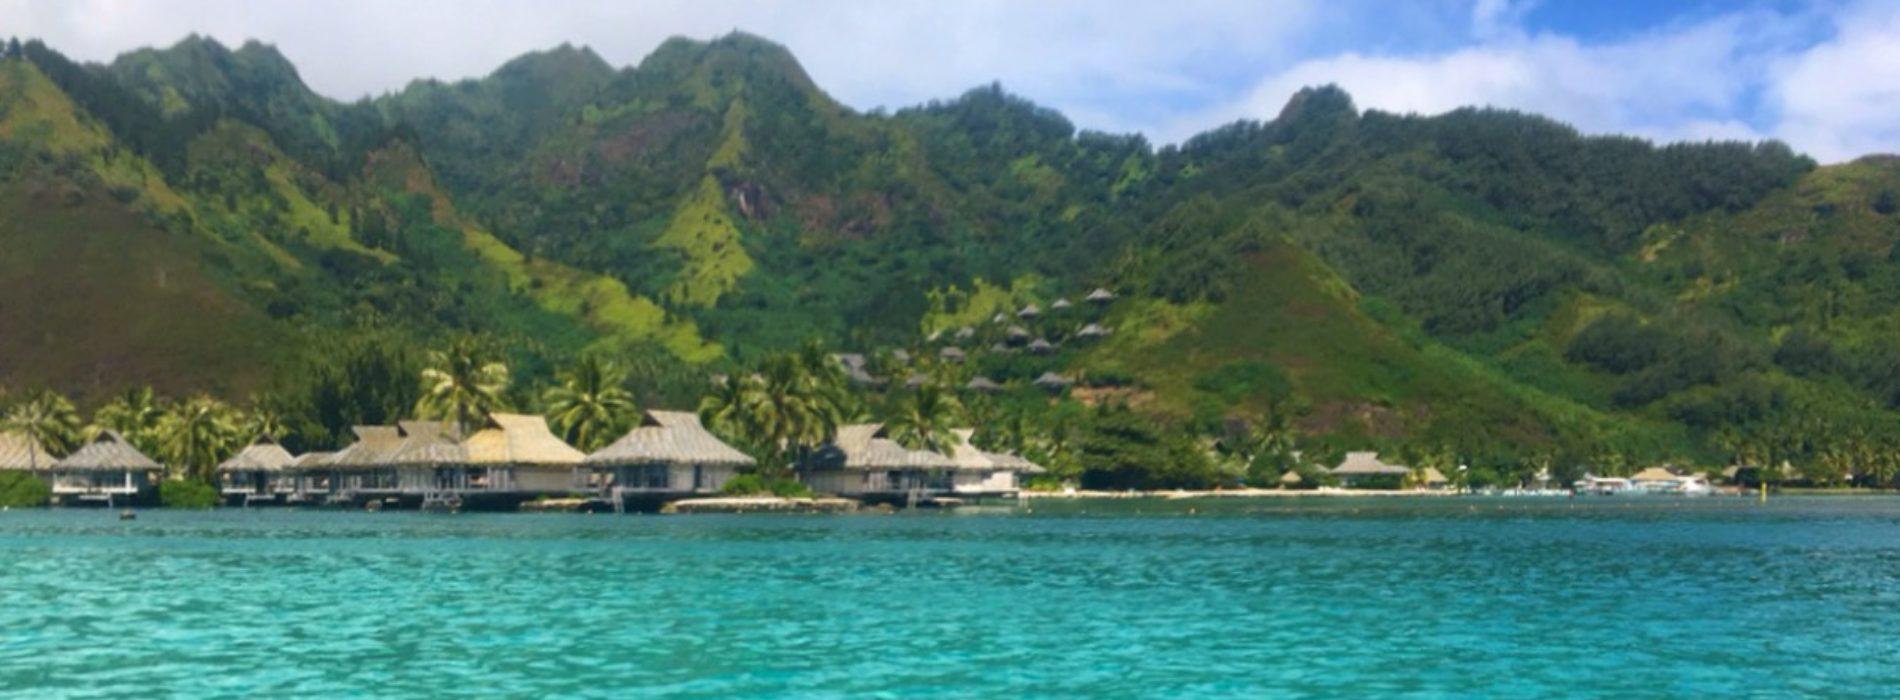 5 conseils pour voyager en backpack en Polynésie française